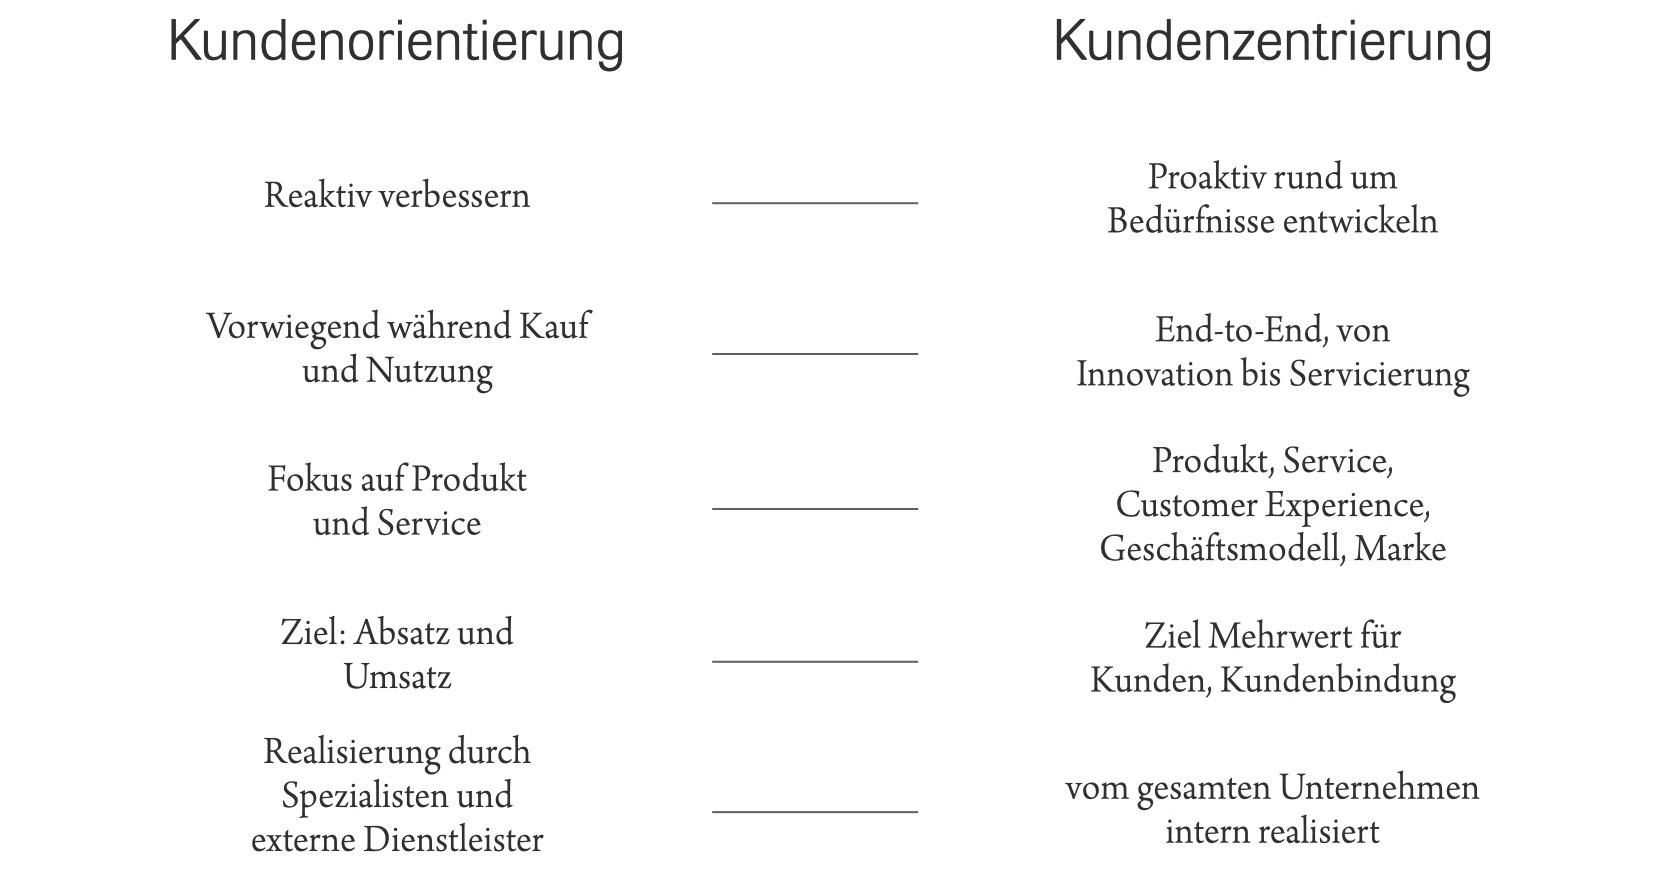 """Rlevance Studie """"Erfolgsfaktoren der Kundenzentrierung"""": Kundenorientierung vs Kundenzentrierung"""